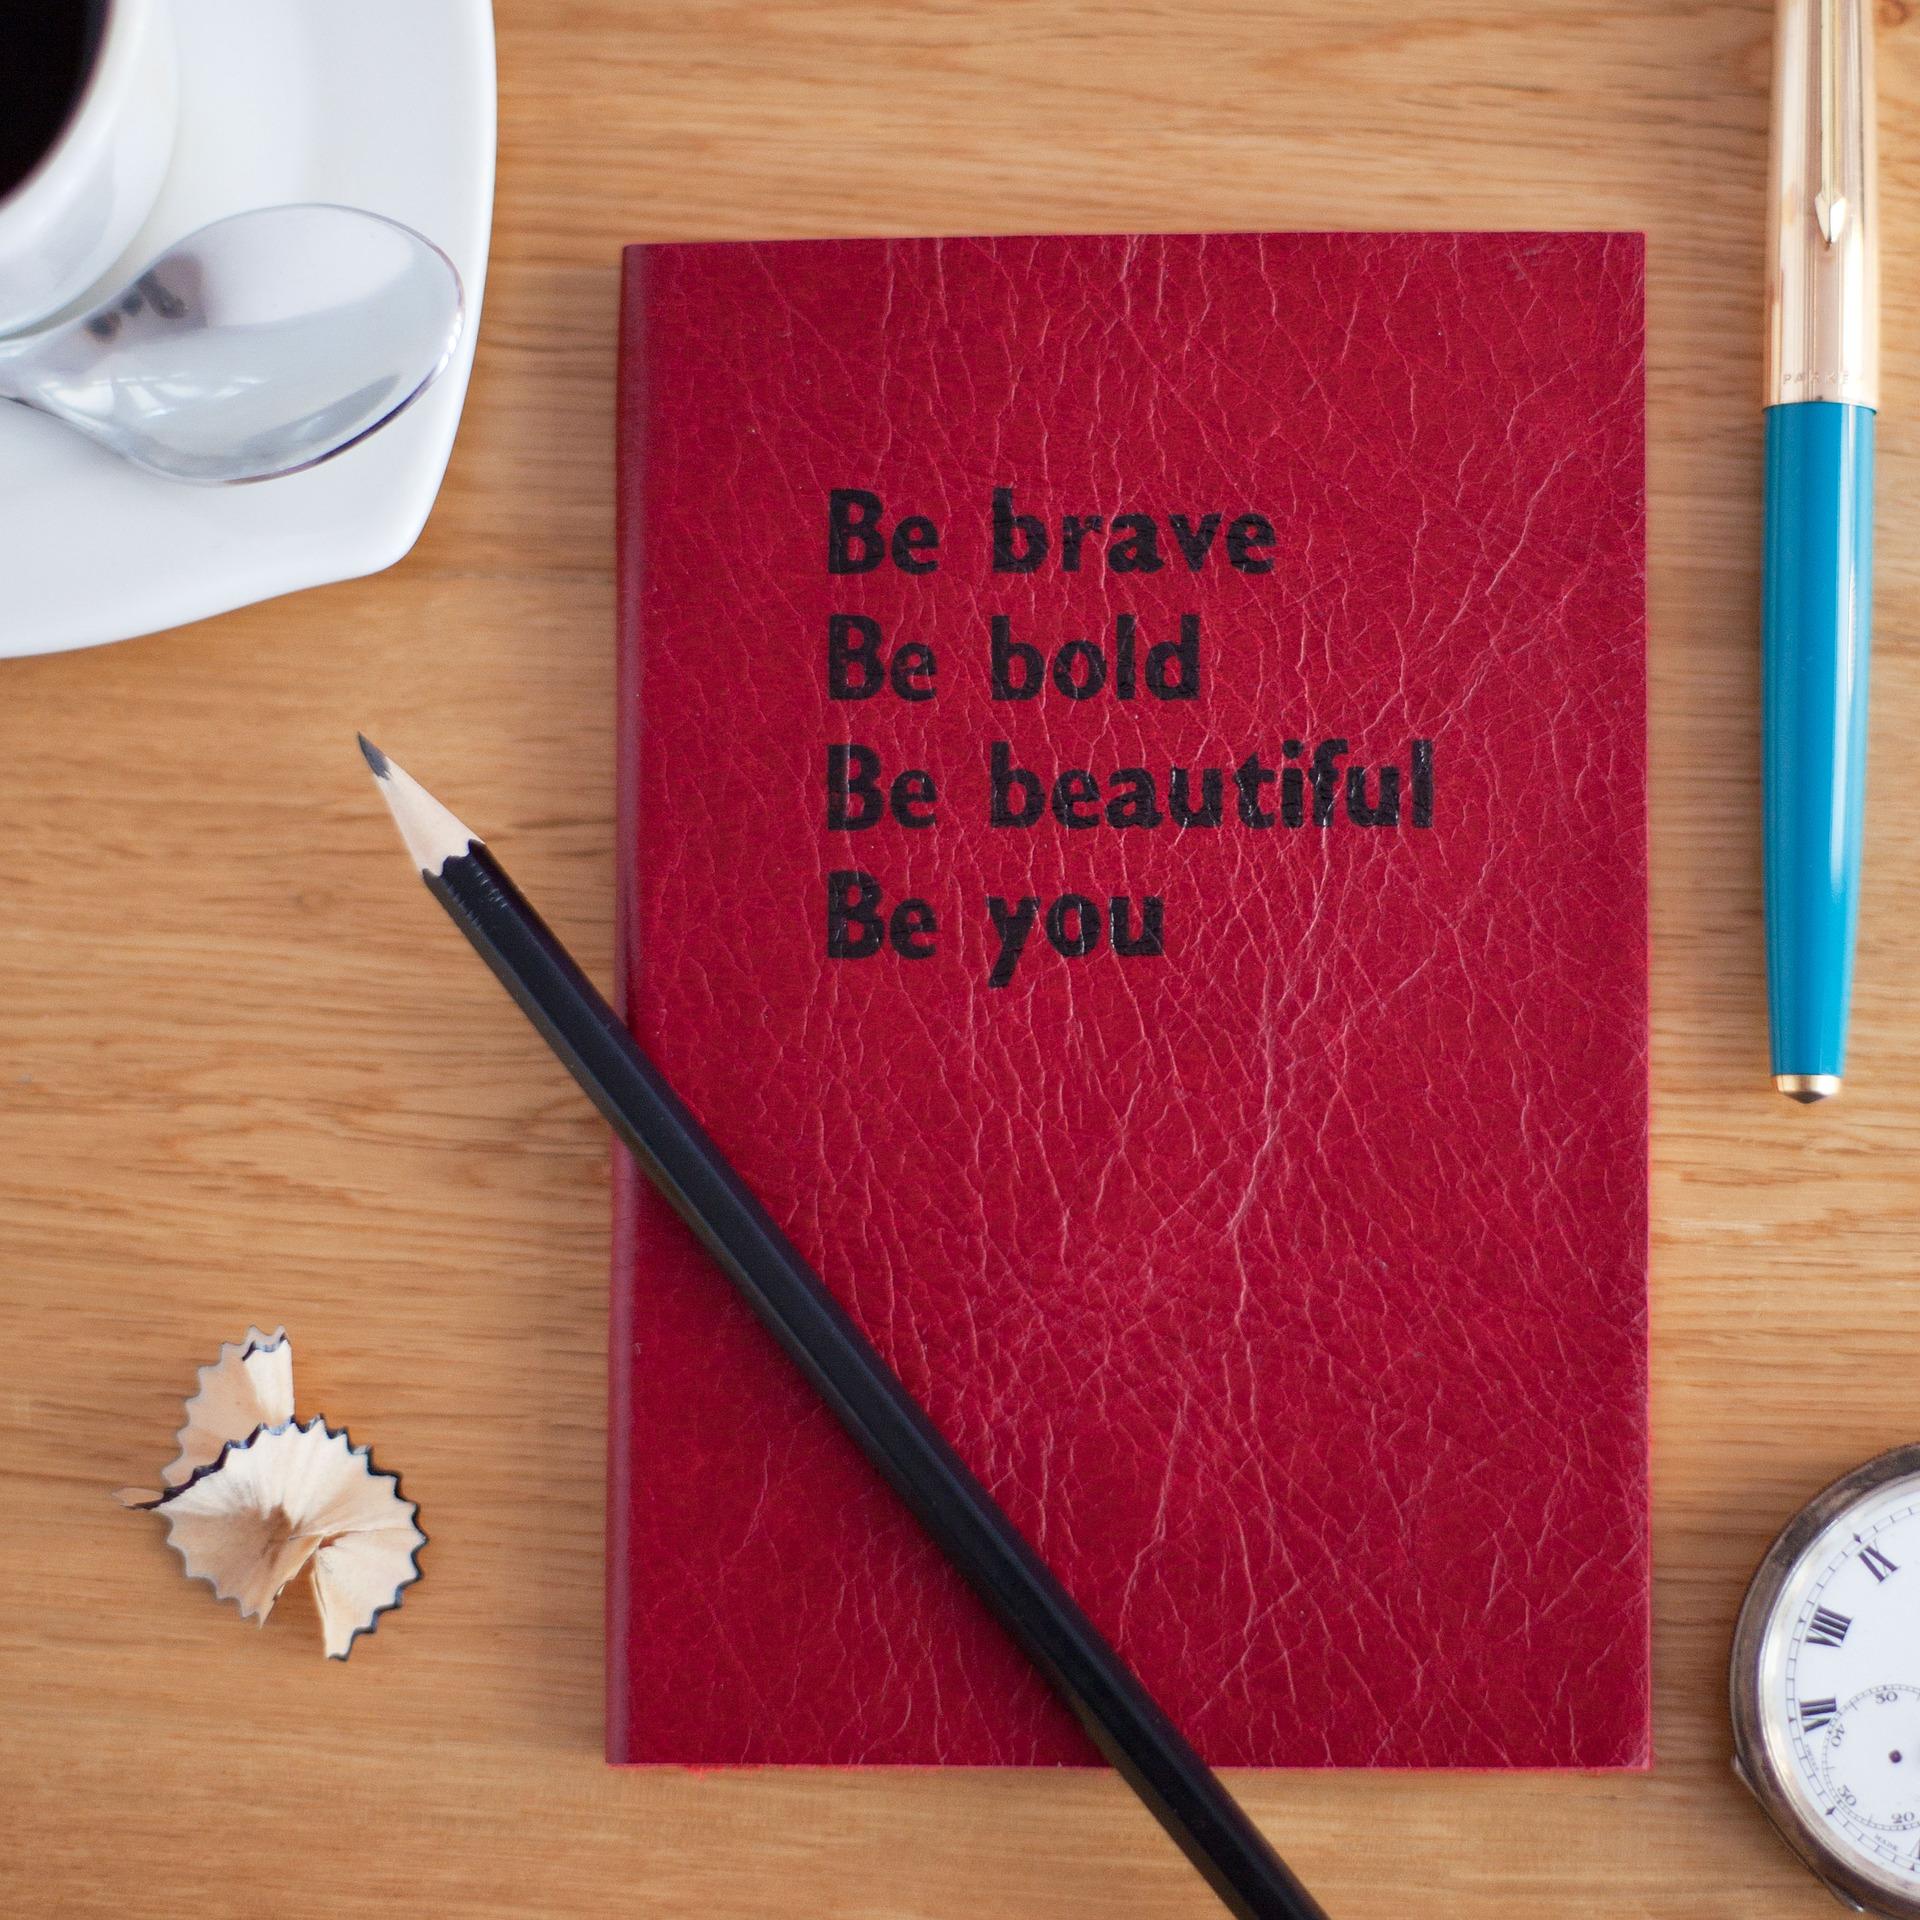 Schrijftraining Schrijven met gevoel vanuit je hart